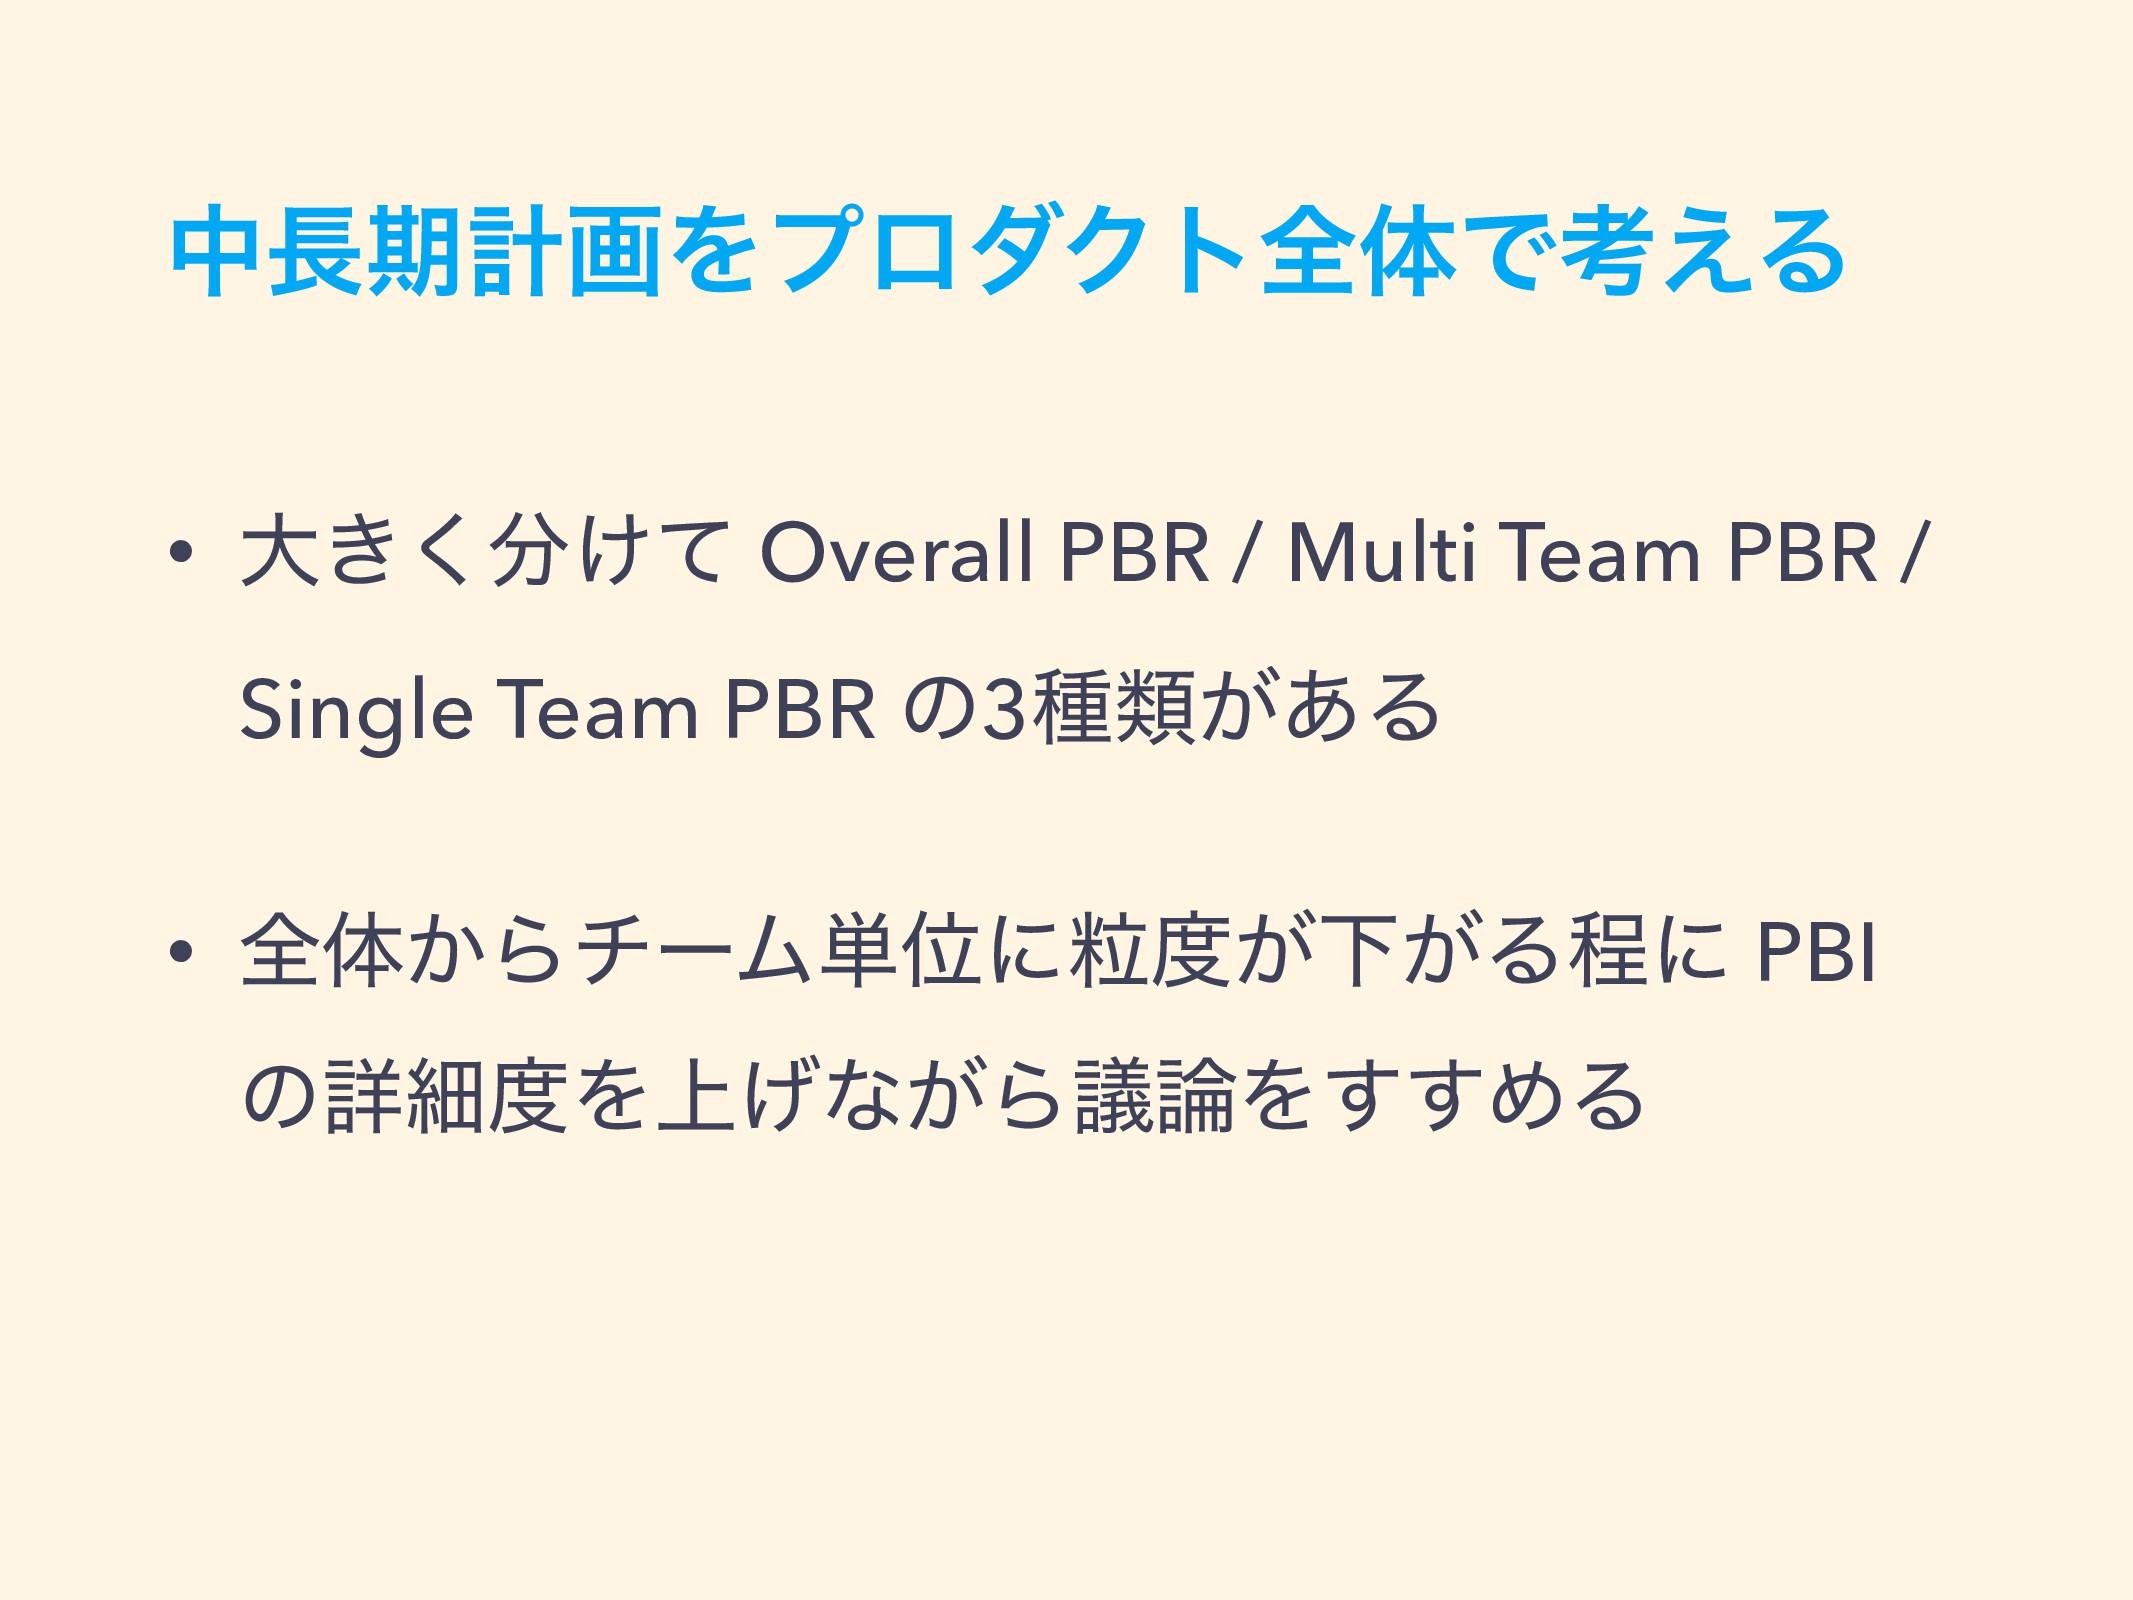 தظܭըΛϓϩμΫτશମͰߟ͑Δ • େ͖͚ͯ͘ Overall PBR / Multi ...